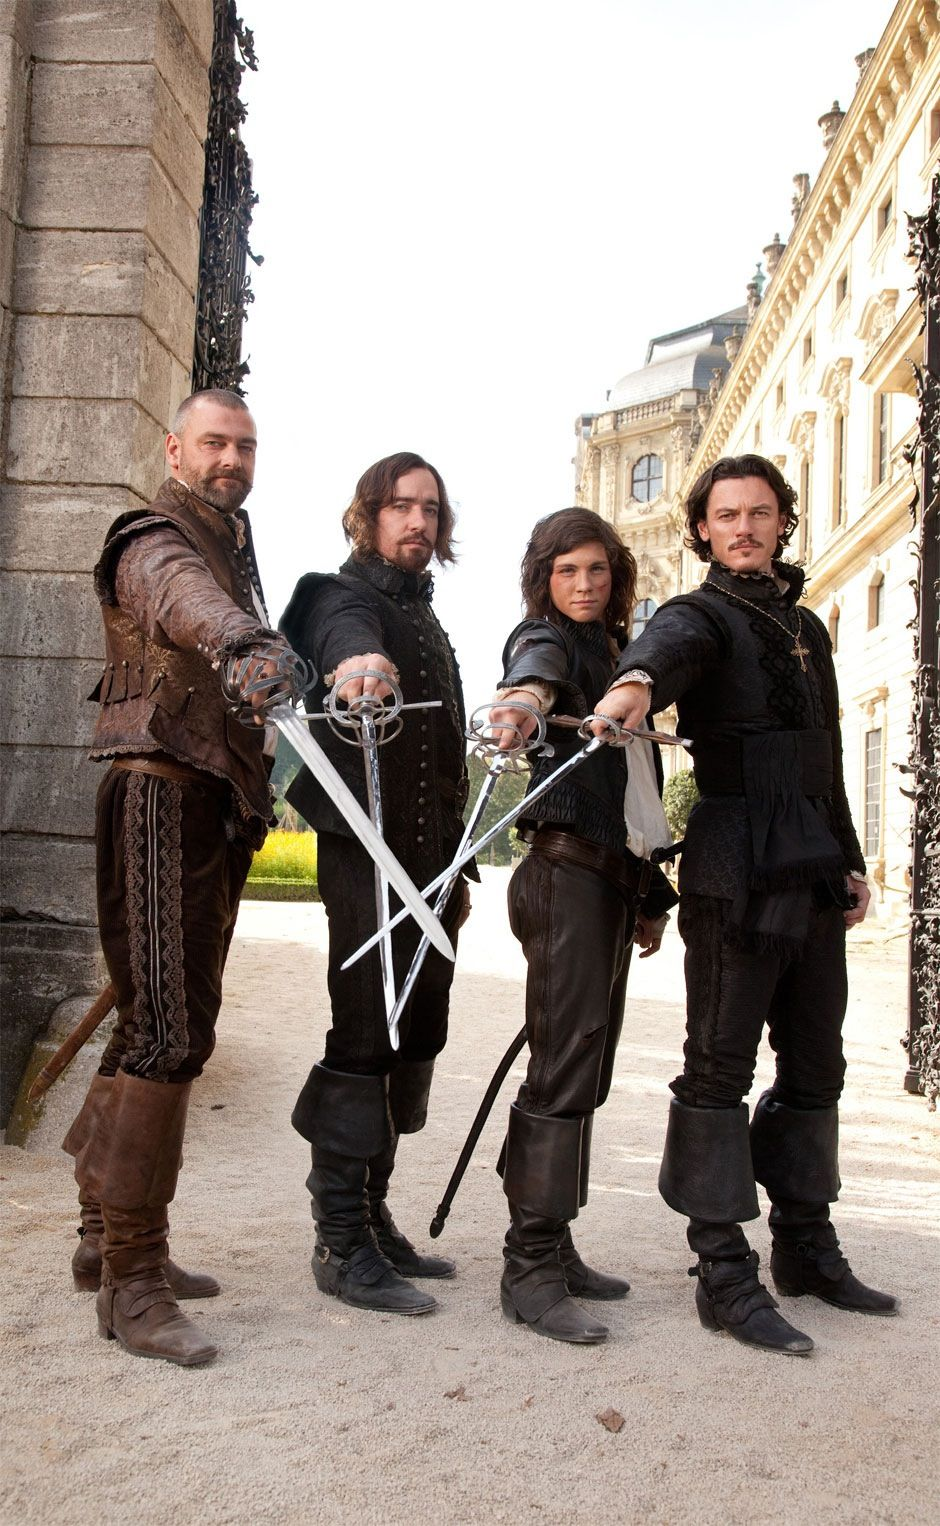 Porthos Athos D Artagnan Aramis The Three Musketeers 2011 The Three Musketeers Movies